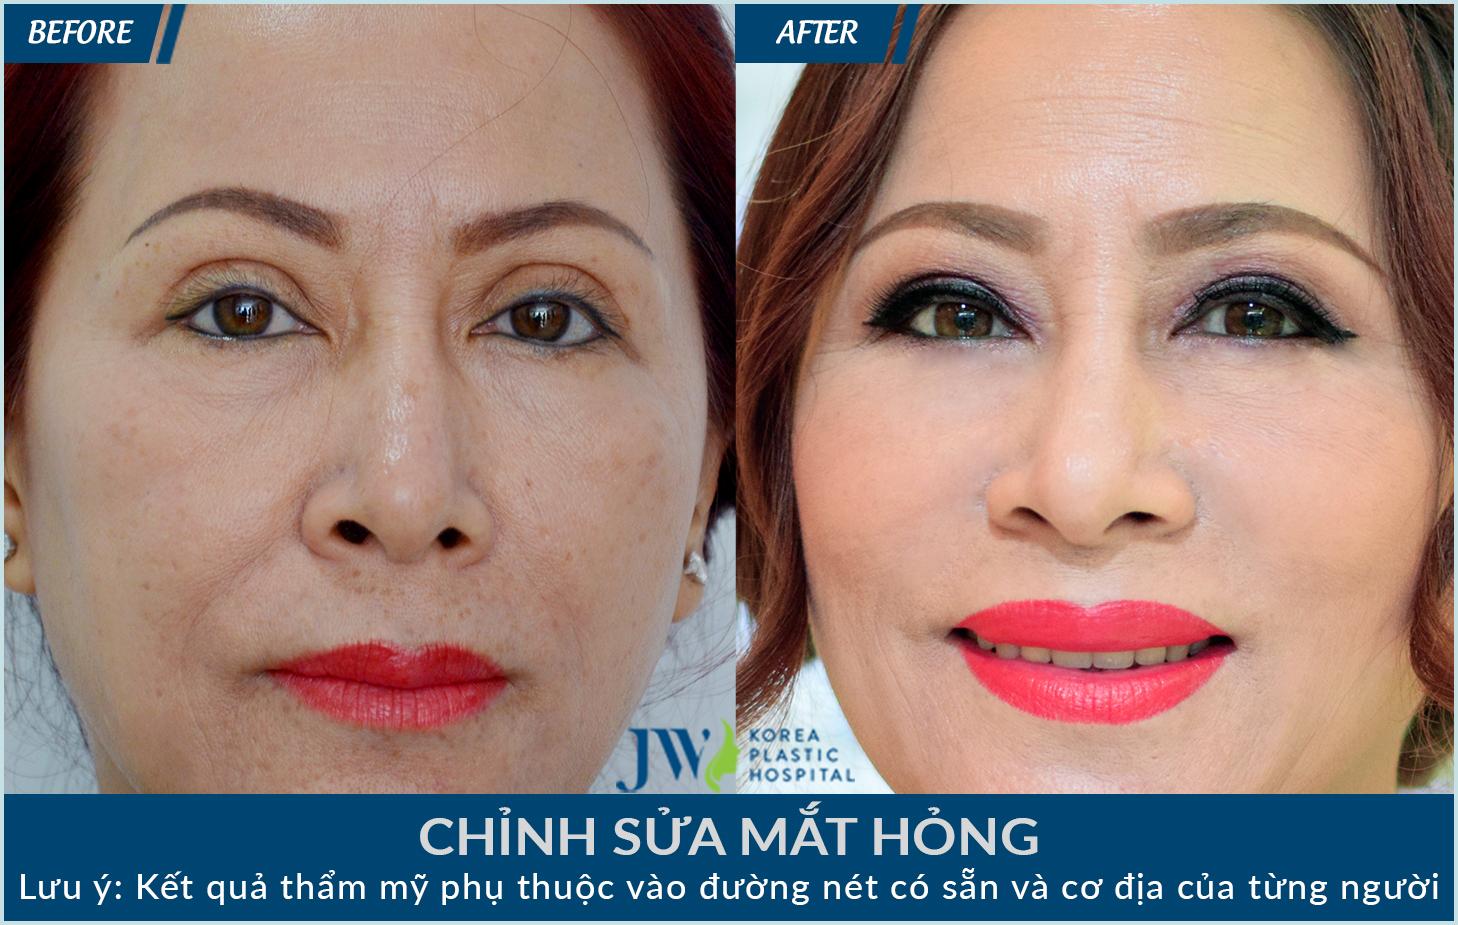 Những trường hợp cắt mí mắt bị hỏng được bác sĩ JW chỉnh sửa lại